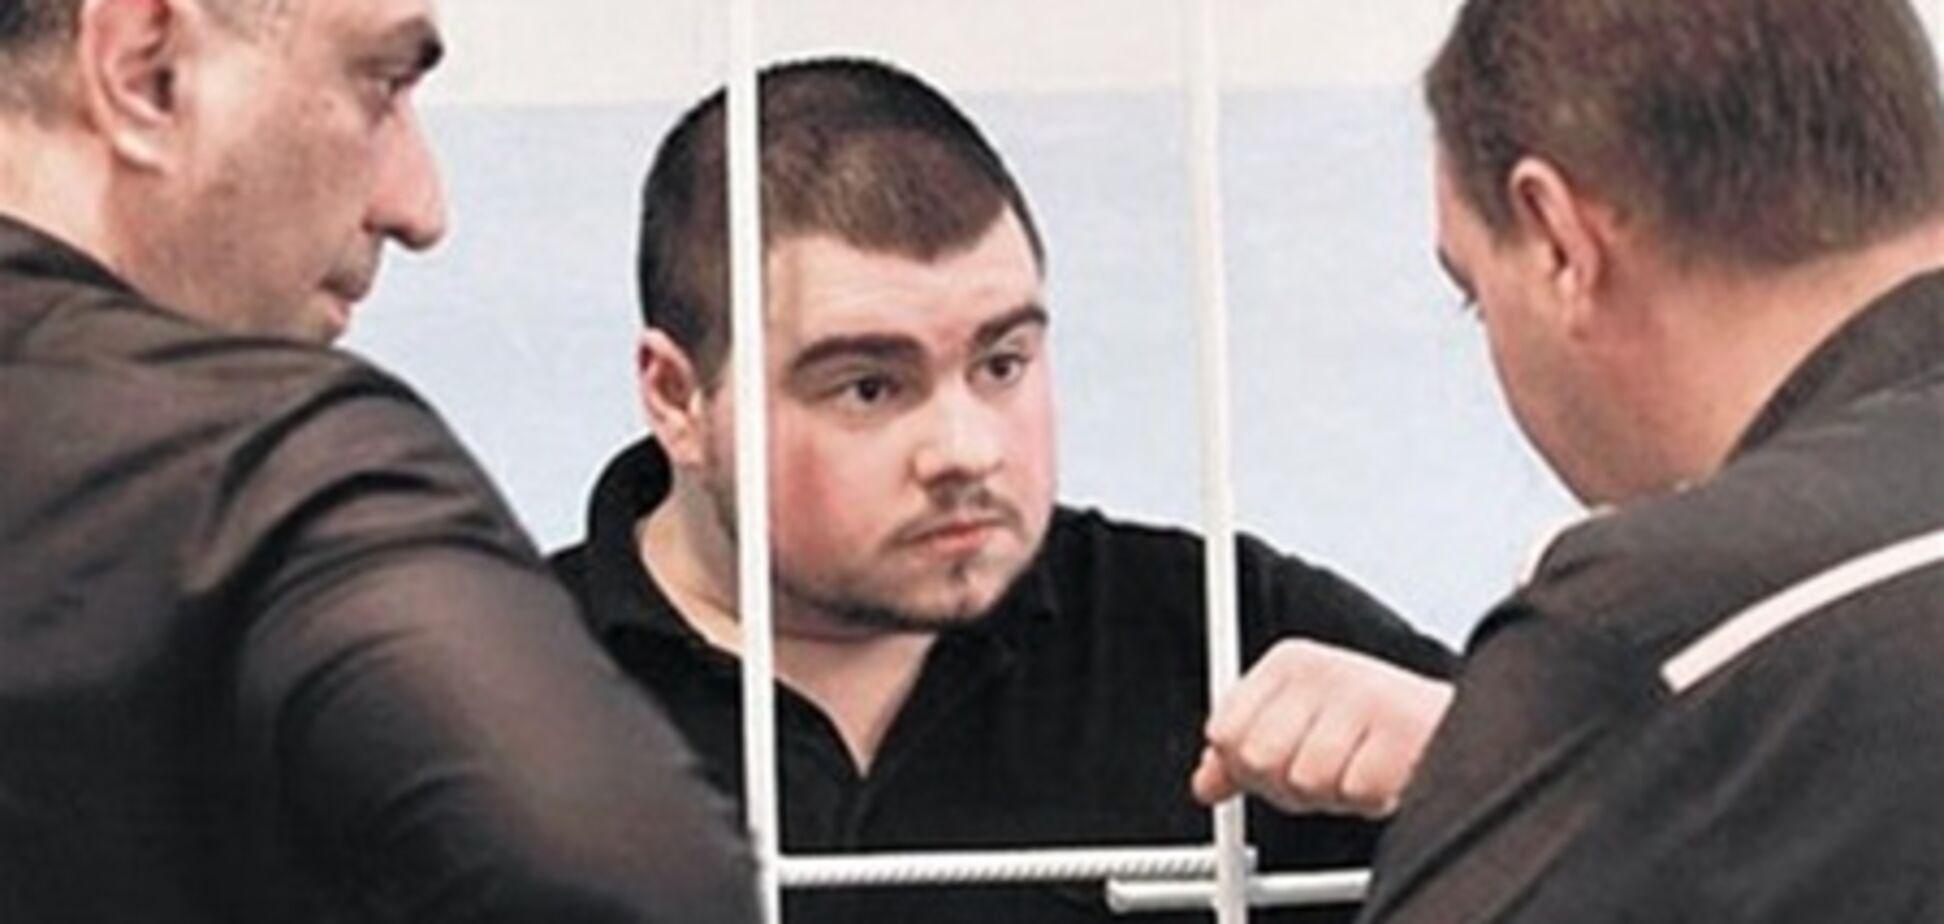 Мажор Рудь, насмерть сбивший трех женщин, получил 6 лет тюрьмы